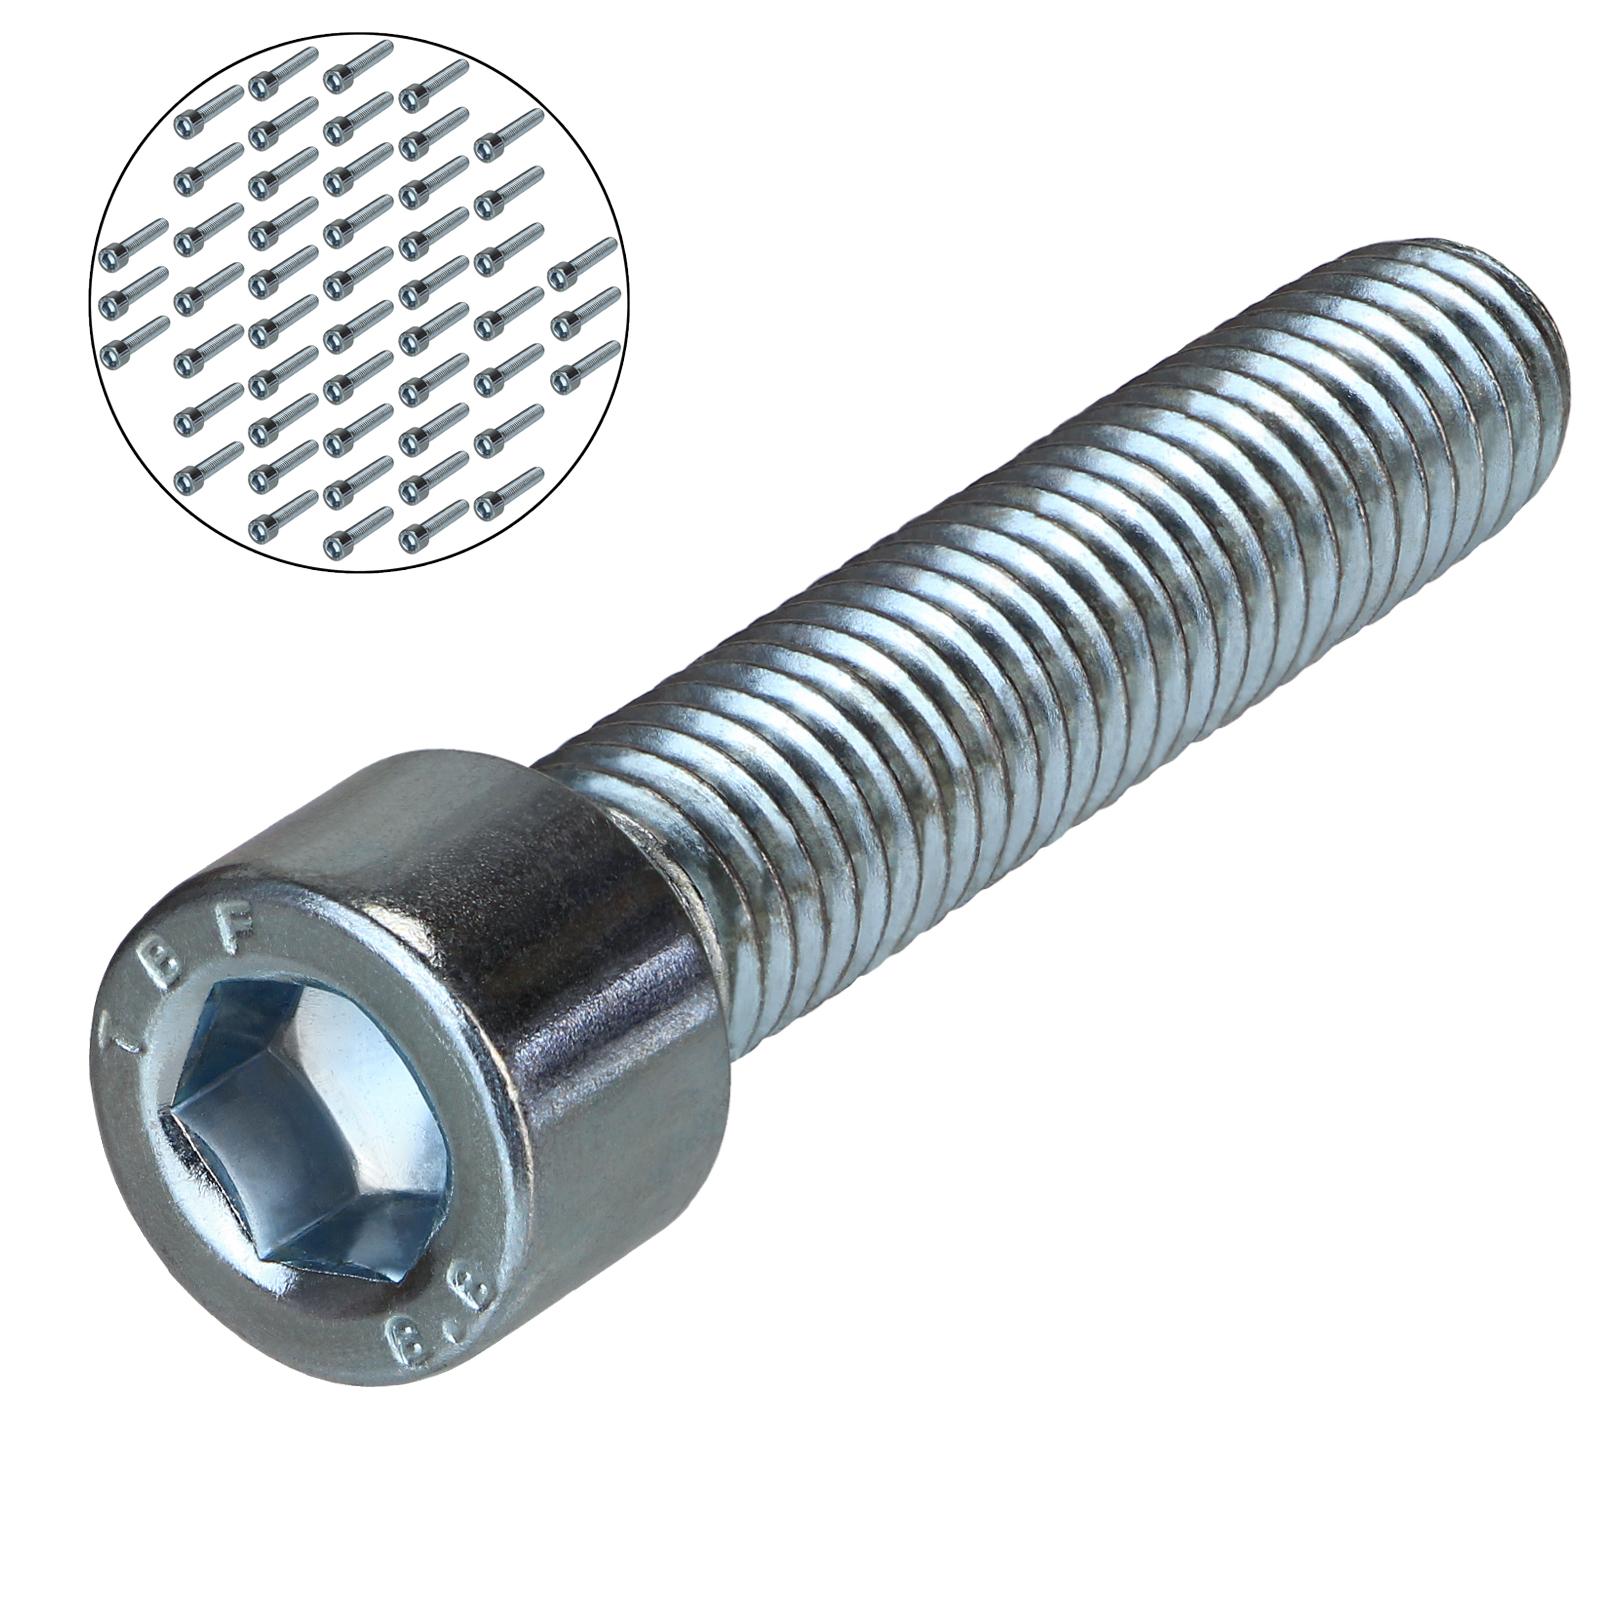 M5 x 40 VPE: 50 St/ück DIN 912 Zylinderkopfschrauben D2D Edelstahl A2 V2A Zylinderschrauben mit Innensechskant